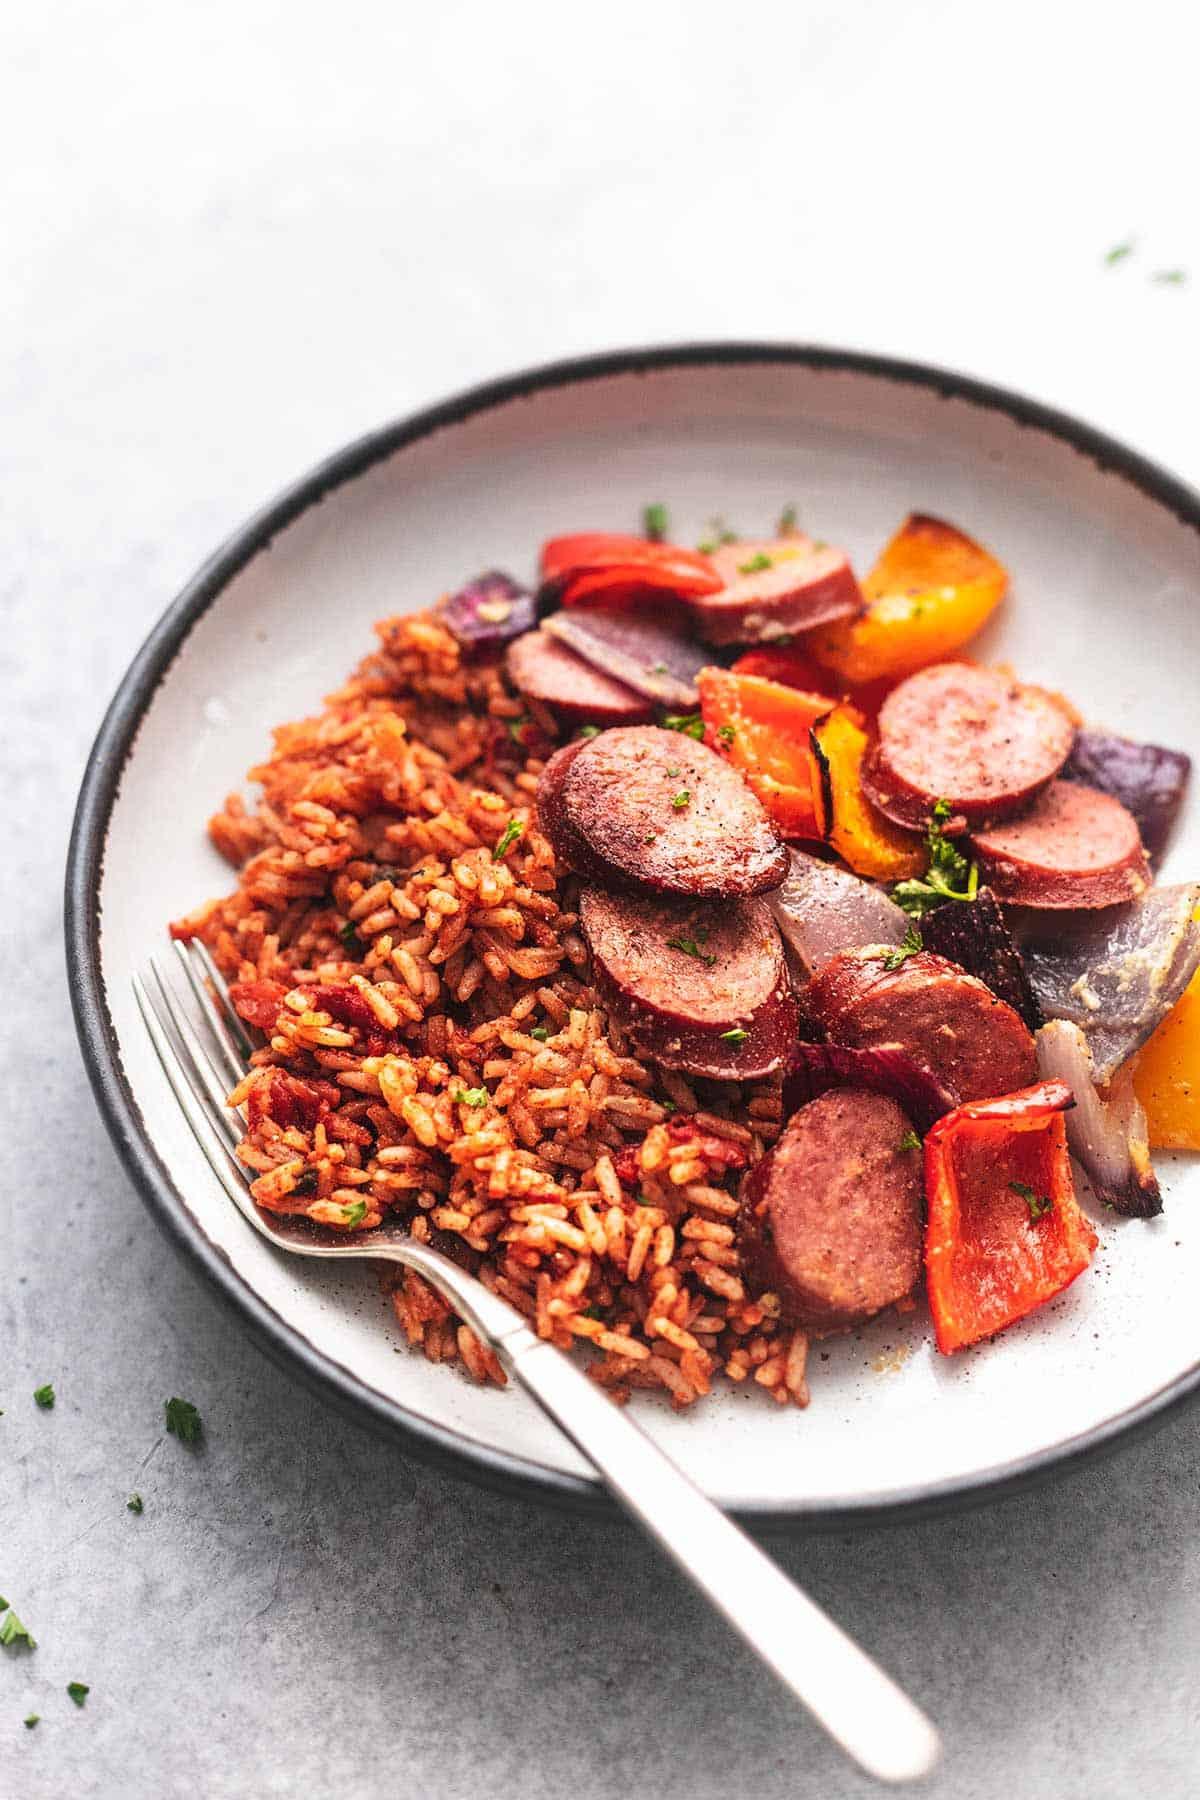 Wurst und Gemüse und Reis auf einem Teller mit einer Gabel